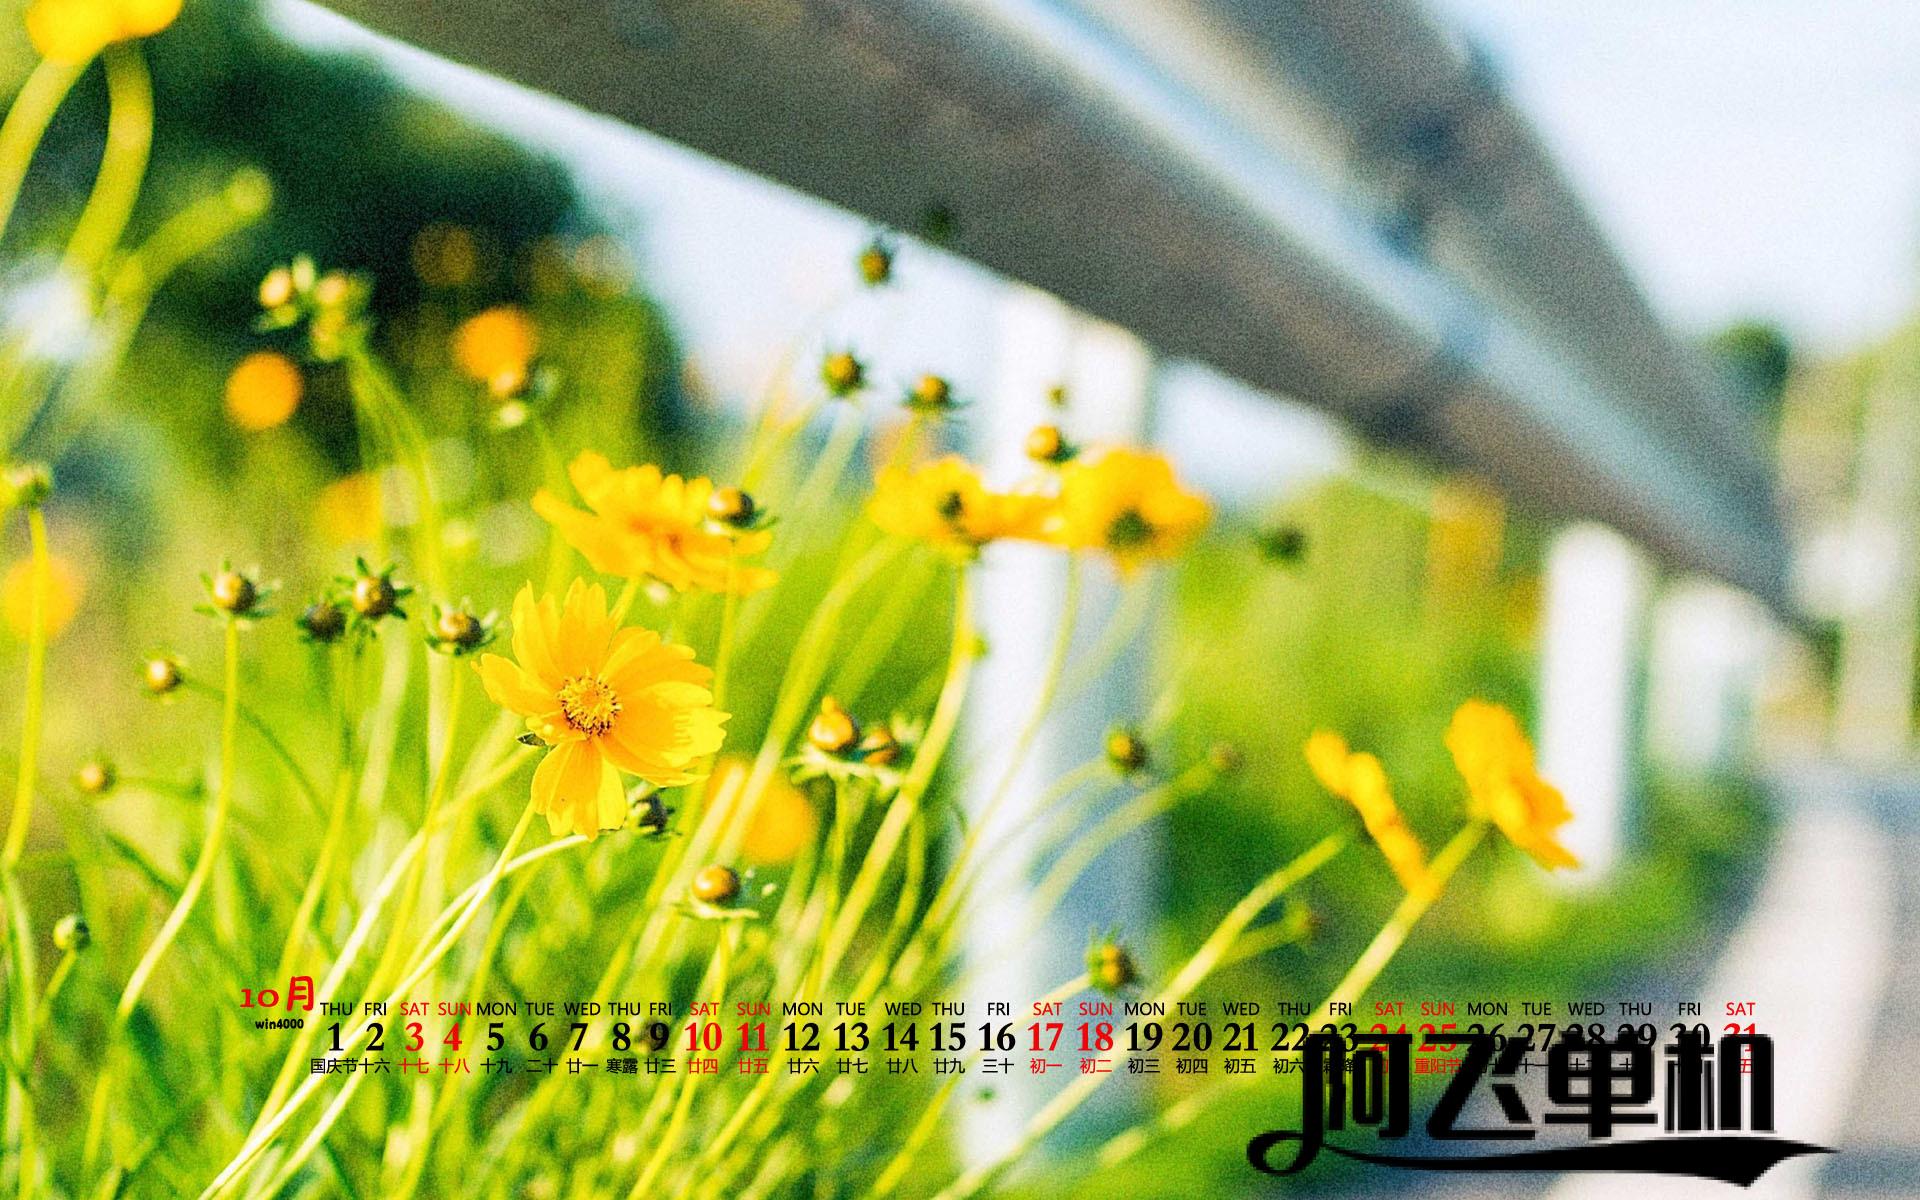 【游戏视频】三国战纪血站八方(赵云)禁令武将模式天王难度一命通关